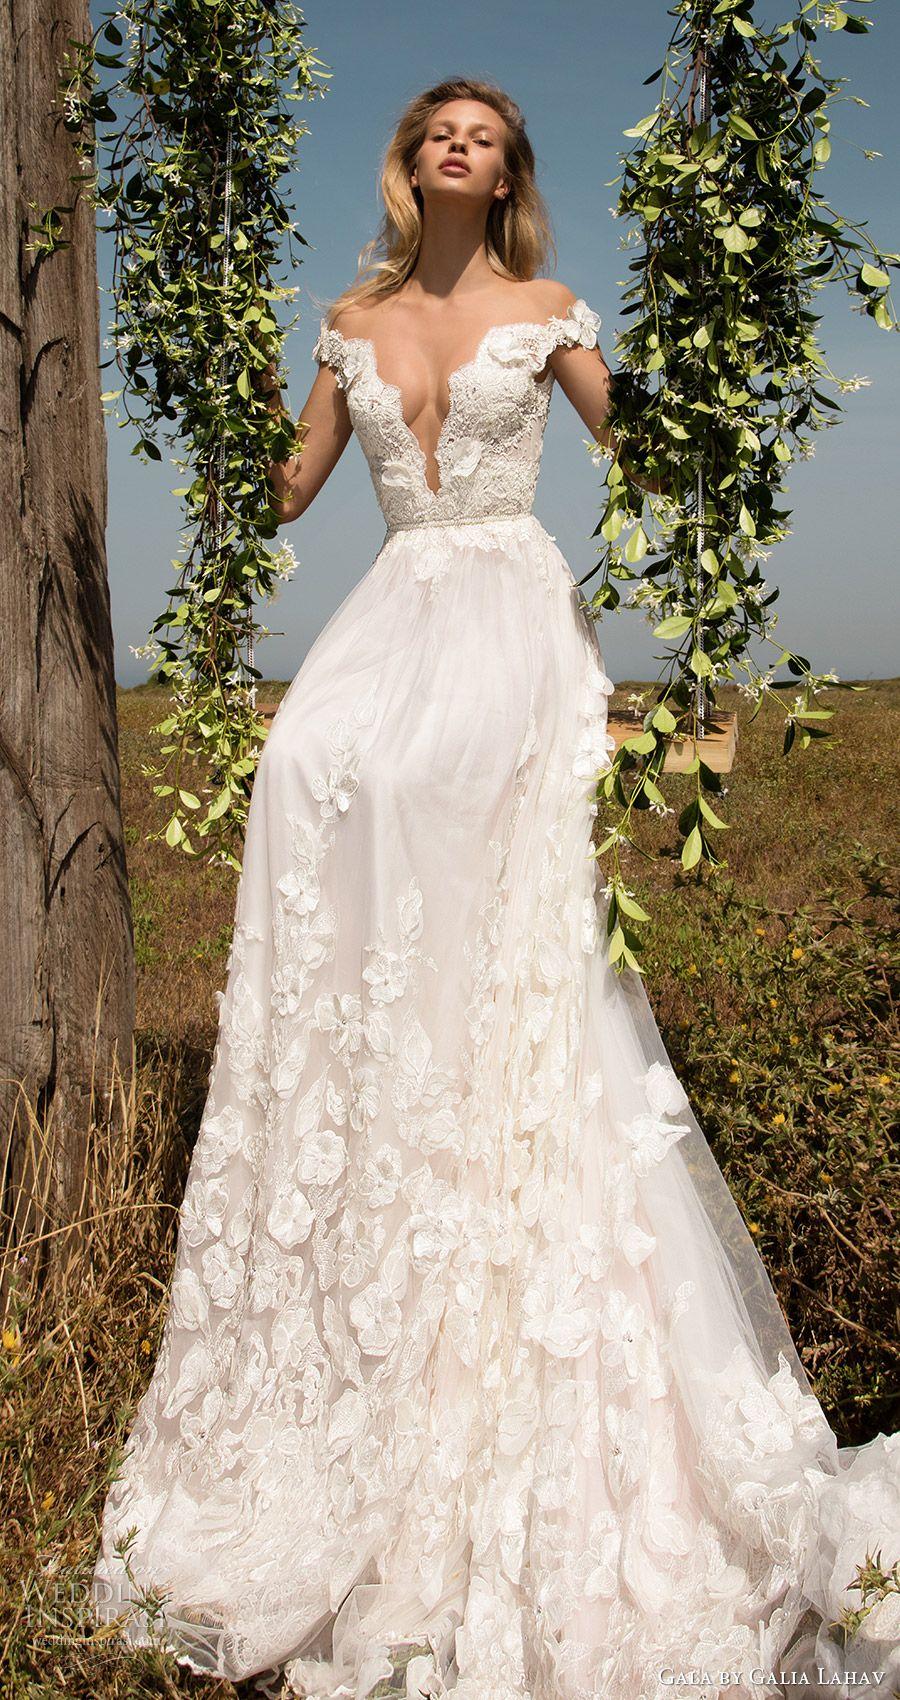 Gala by Galia Lahav Spring 2017 Wedding Dresses — GALA No. II Bridal ...